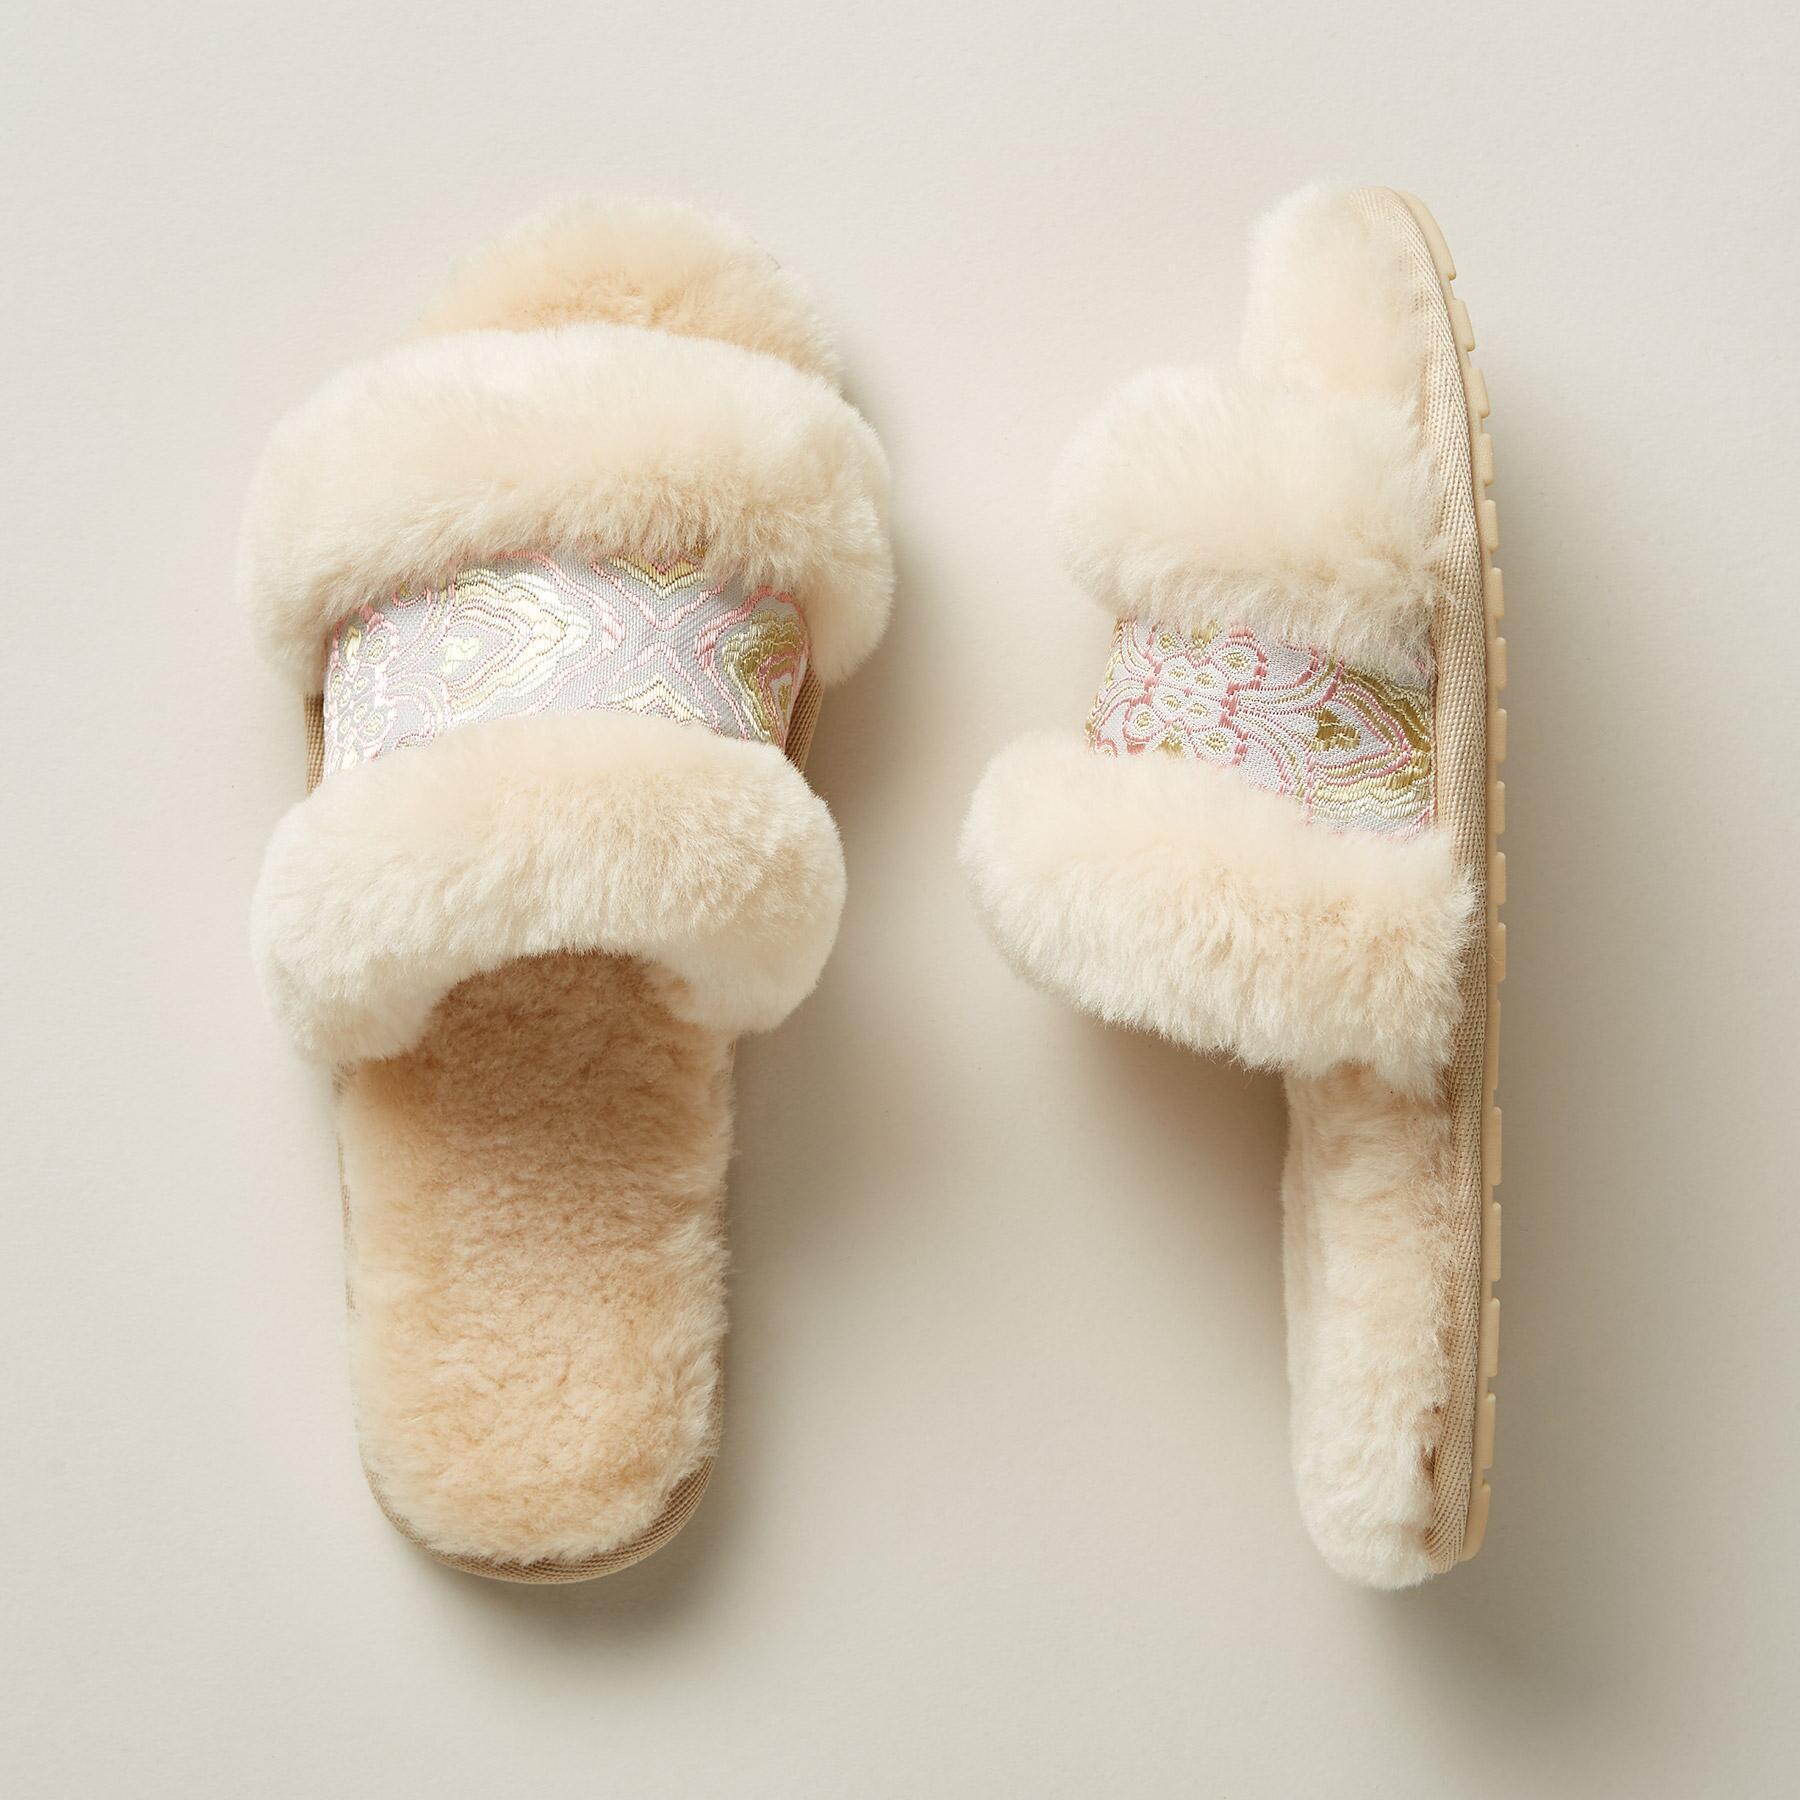 Wrenlette Paisley Slippers